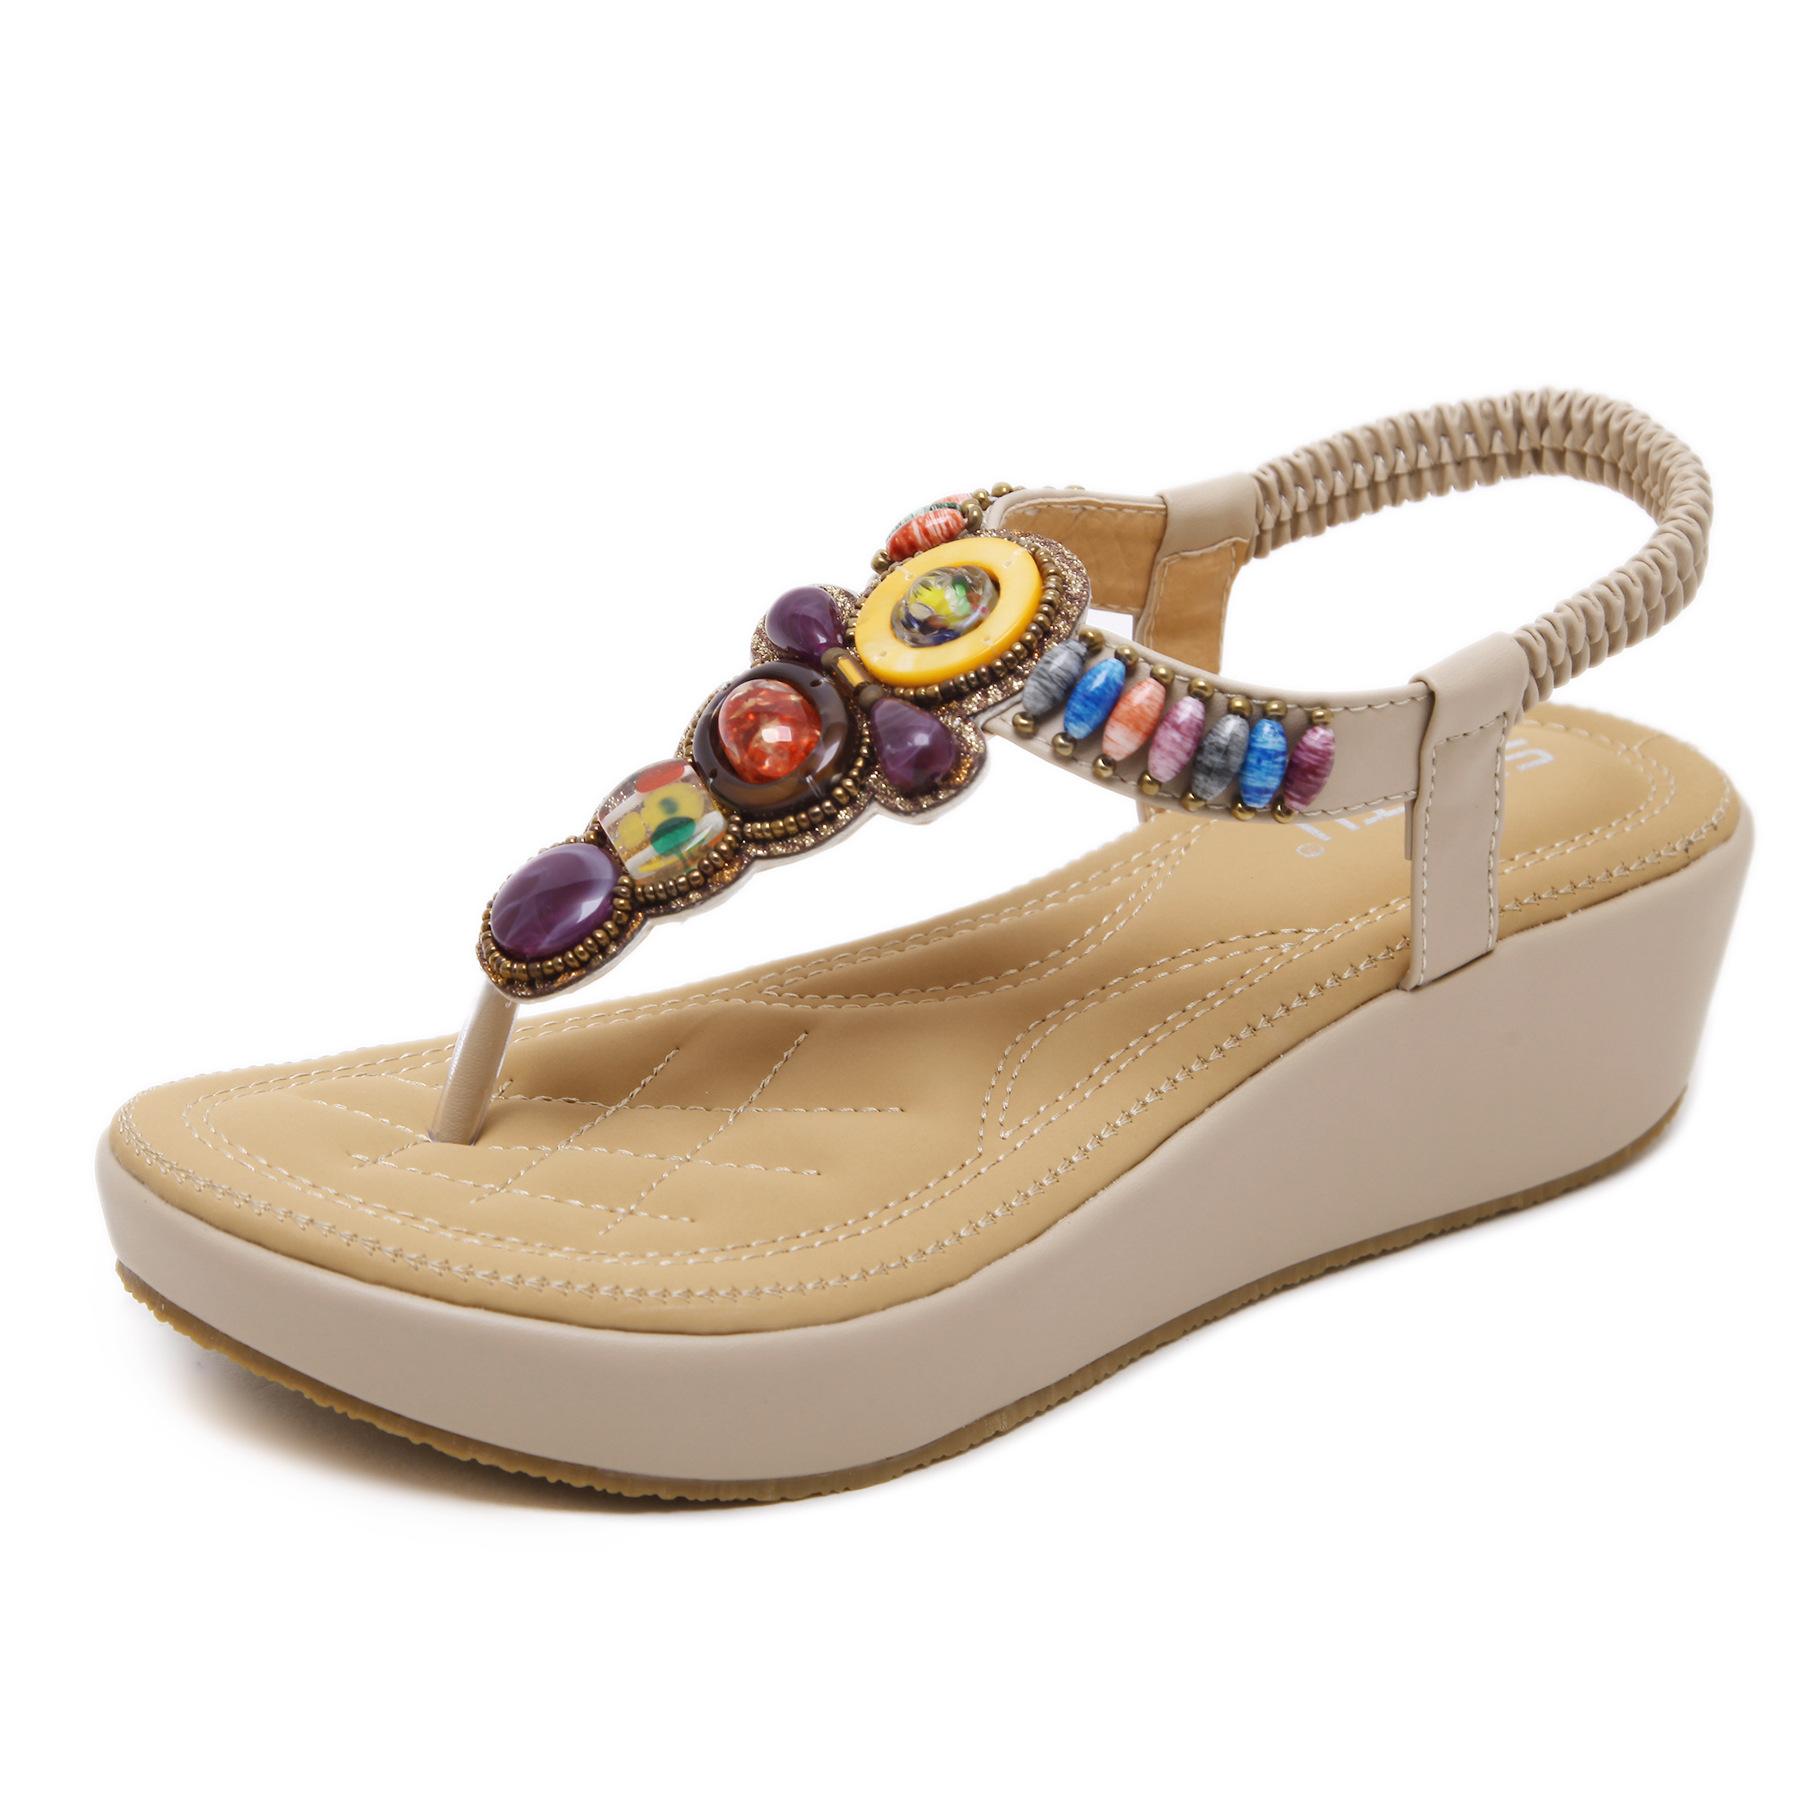 2115-1强锌2019新款韩版凉鞋波西米亚坡跟鞋串珠大码女鞋批发